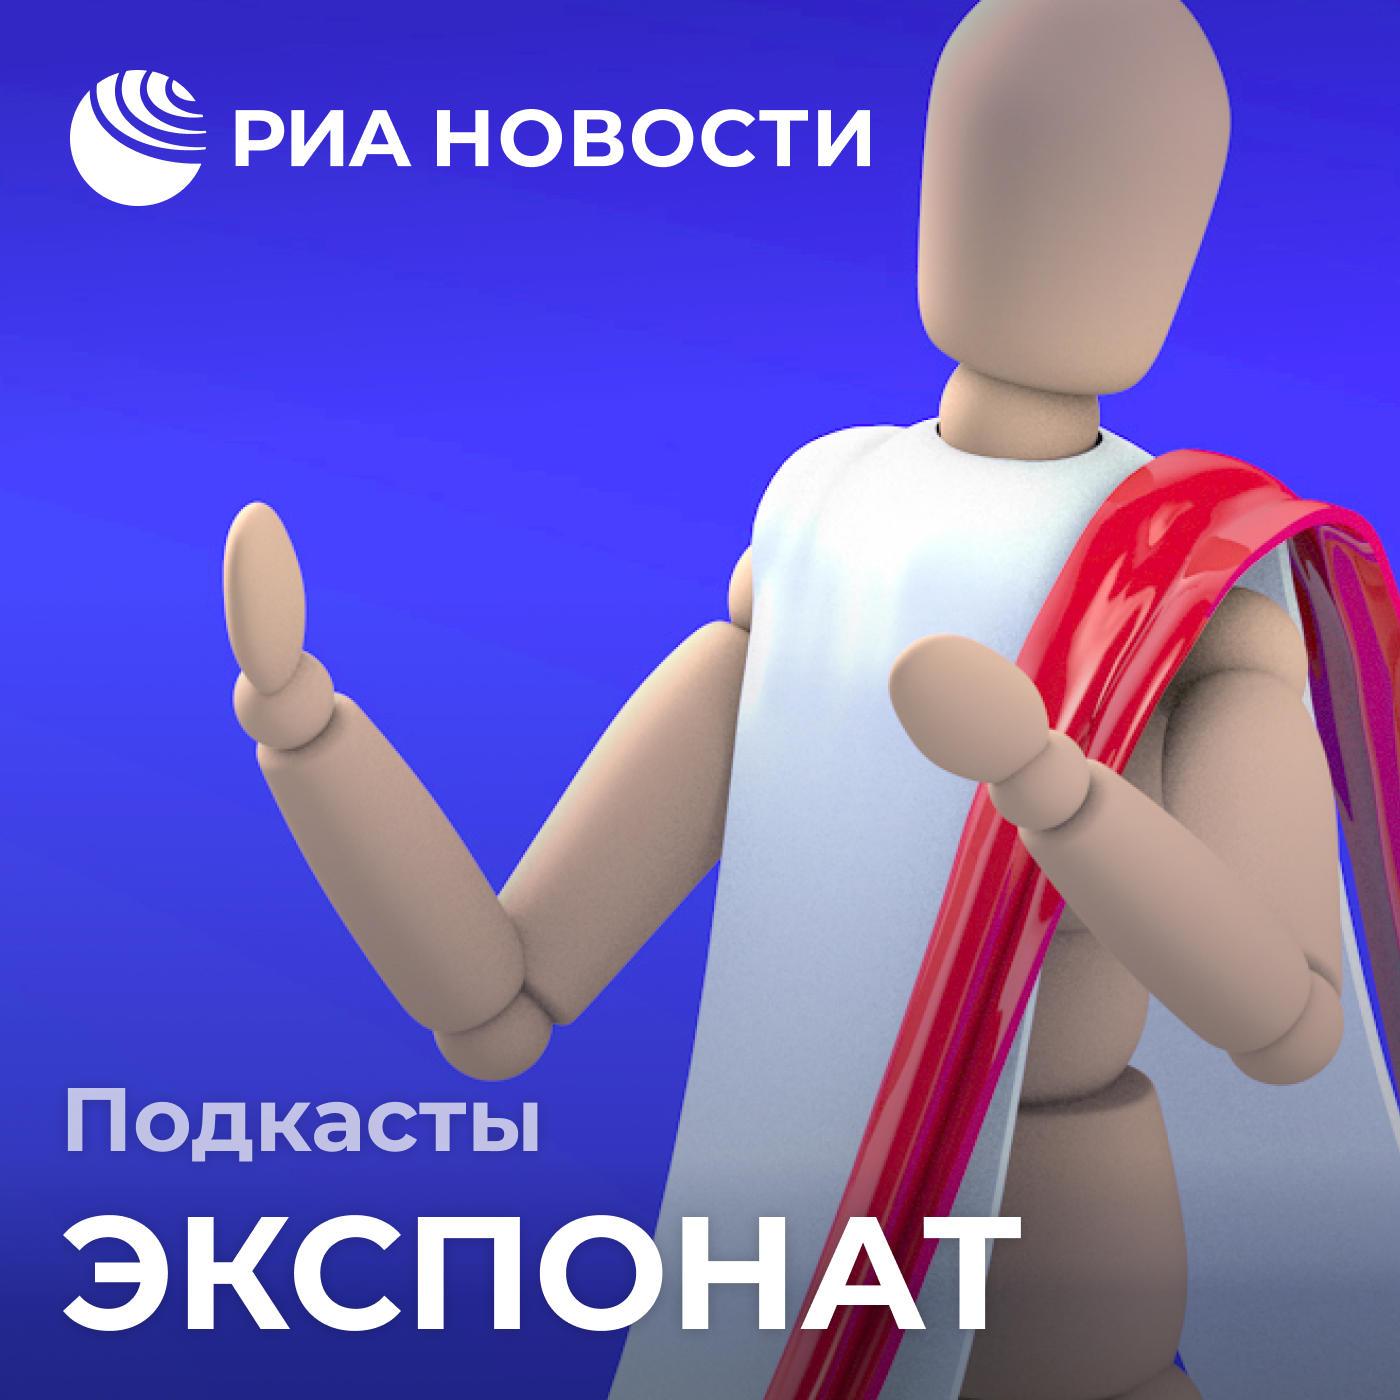 Музыка на рогах. Блеск и изнанка русского музыкального феномена